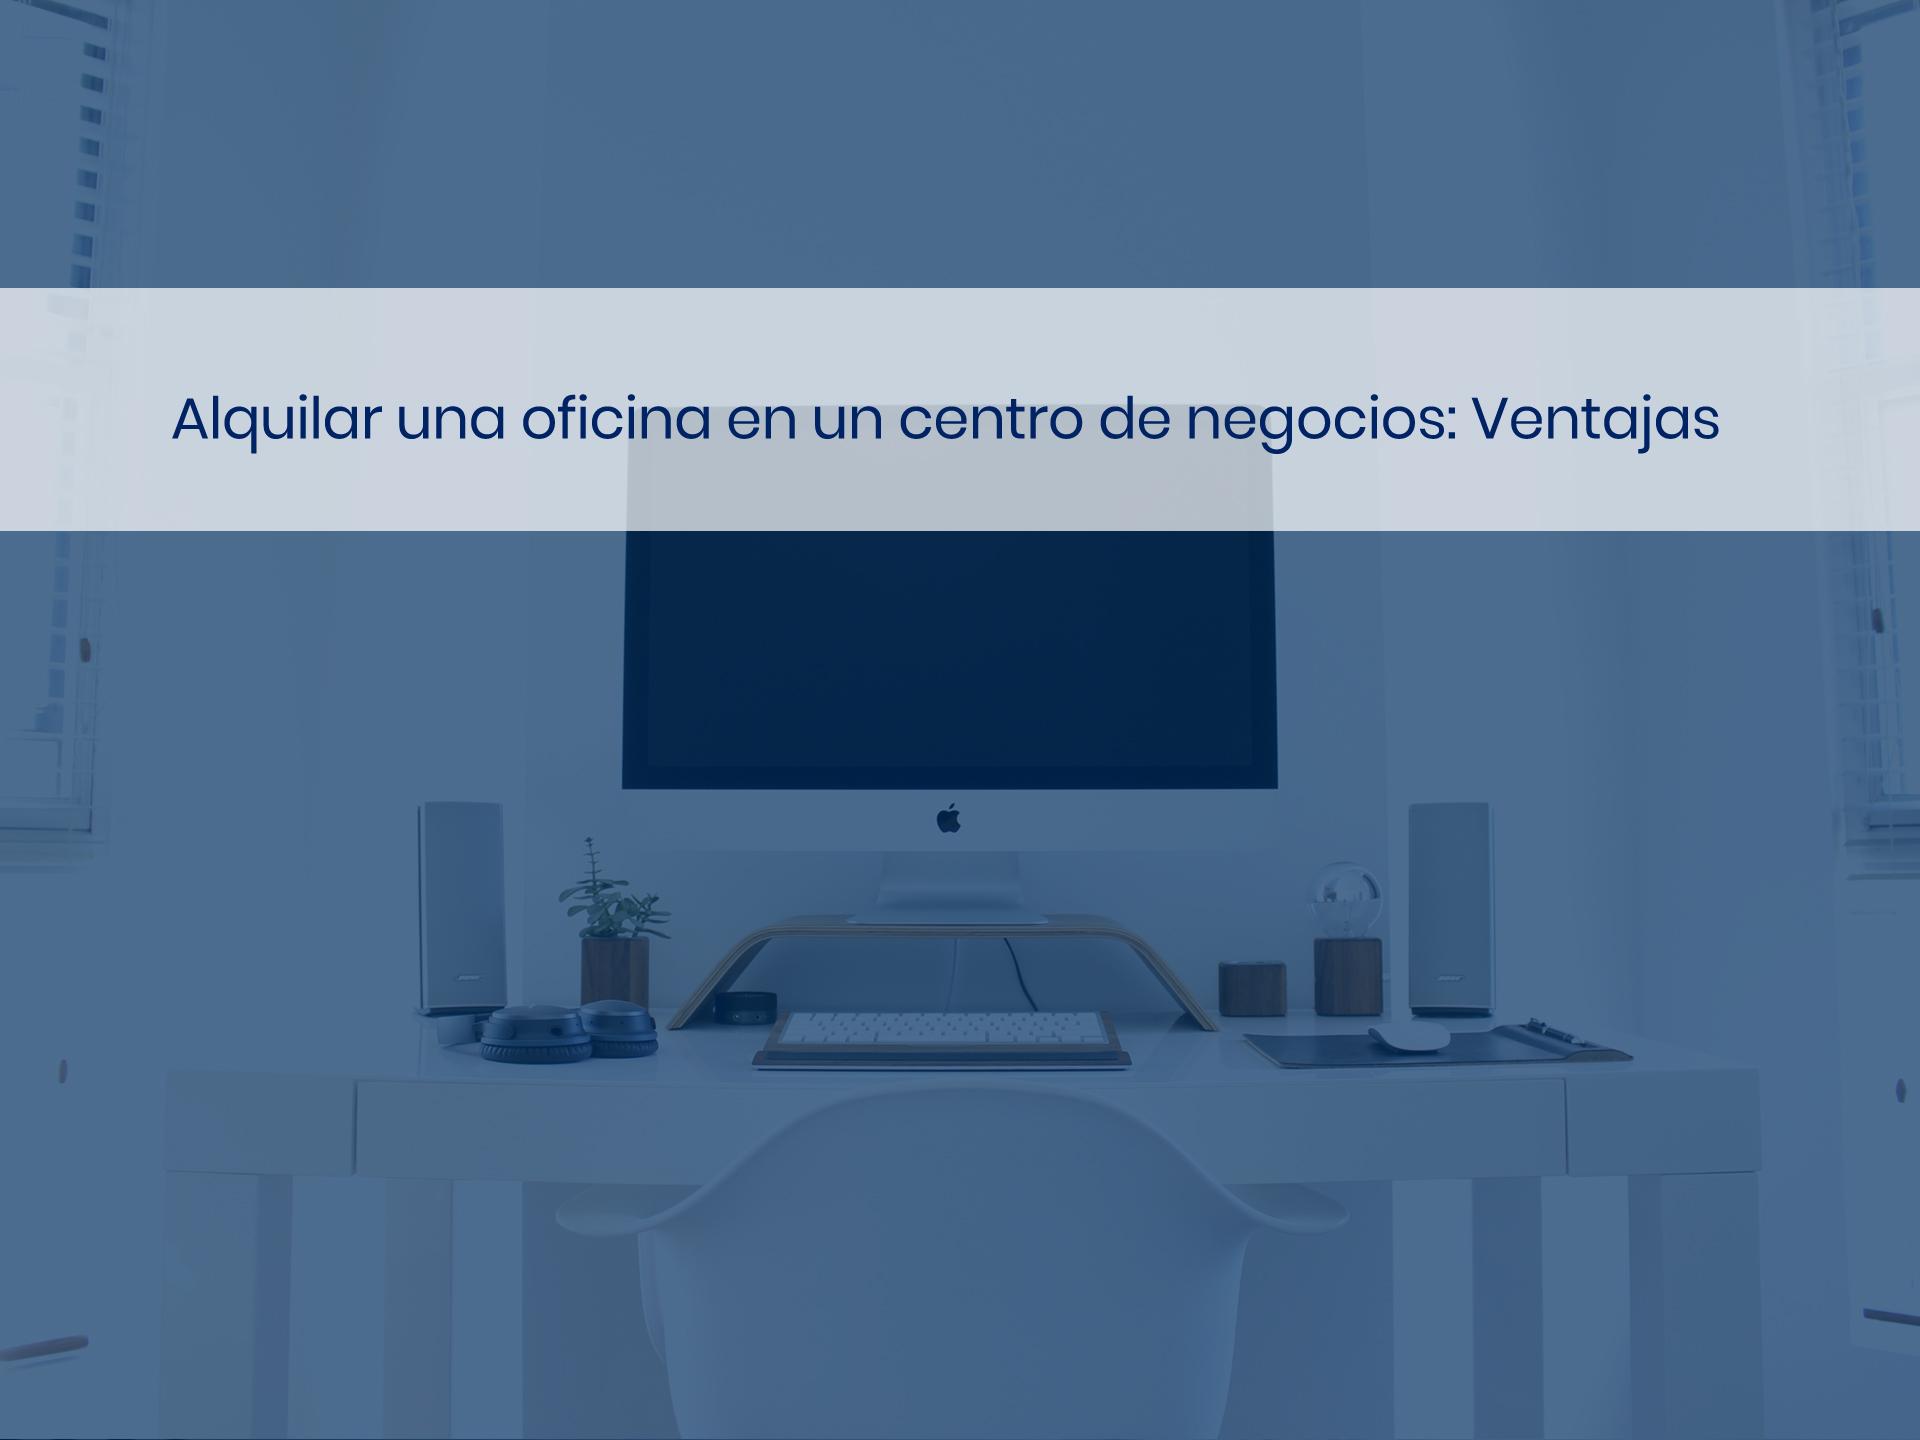 Alquilar una oficina en un centro de negocios